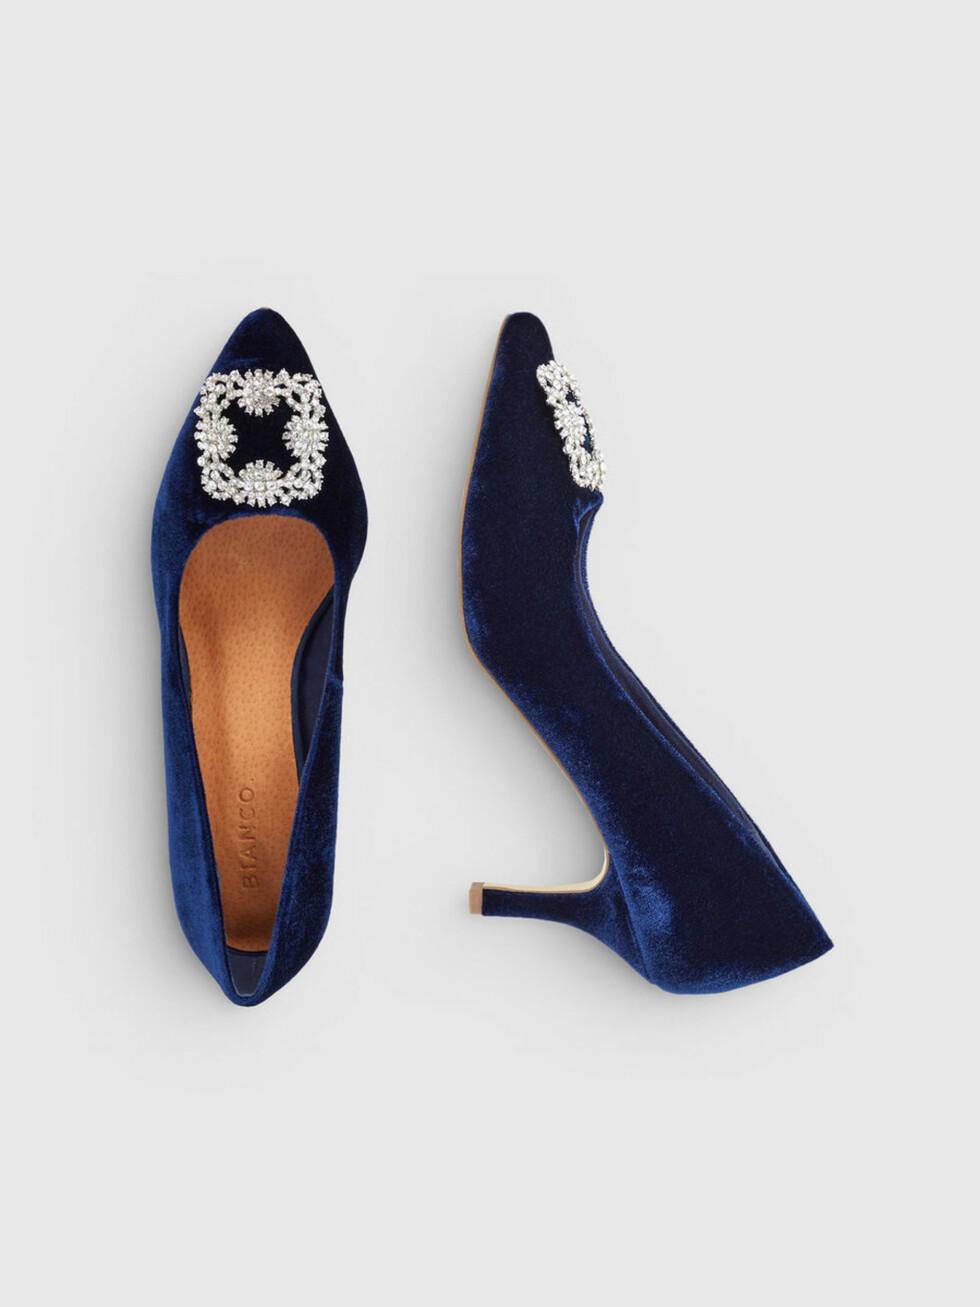 Sko fra Bianco  699,-  https://www.bianco.com/no/no/bi/til-henne/hoeye-haeler/pumps/velvet-brooch-shoes-93549529.html?cgid=bi-women-pumps&dwvar_colorPattern=93549529_NavyBlue